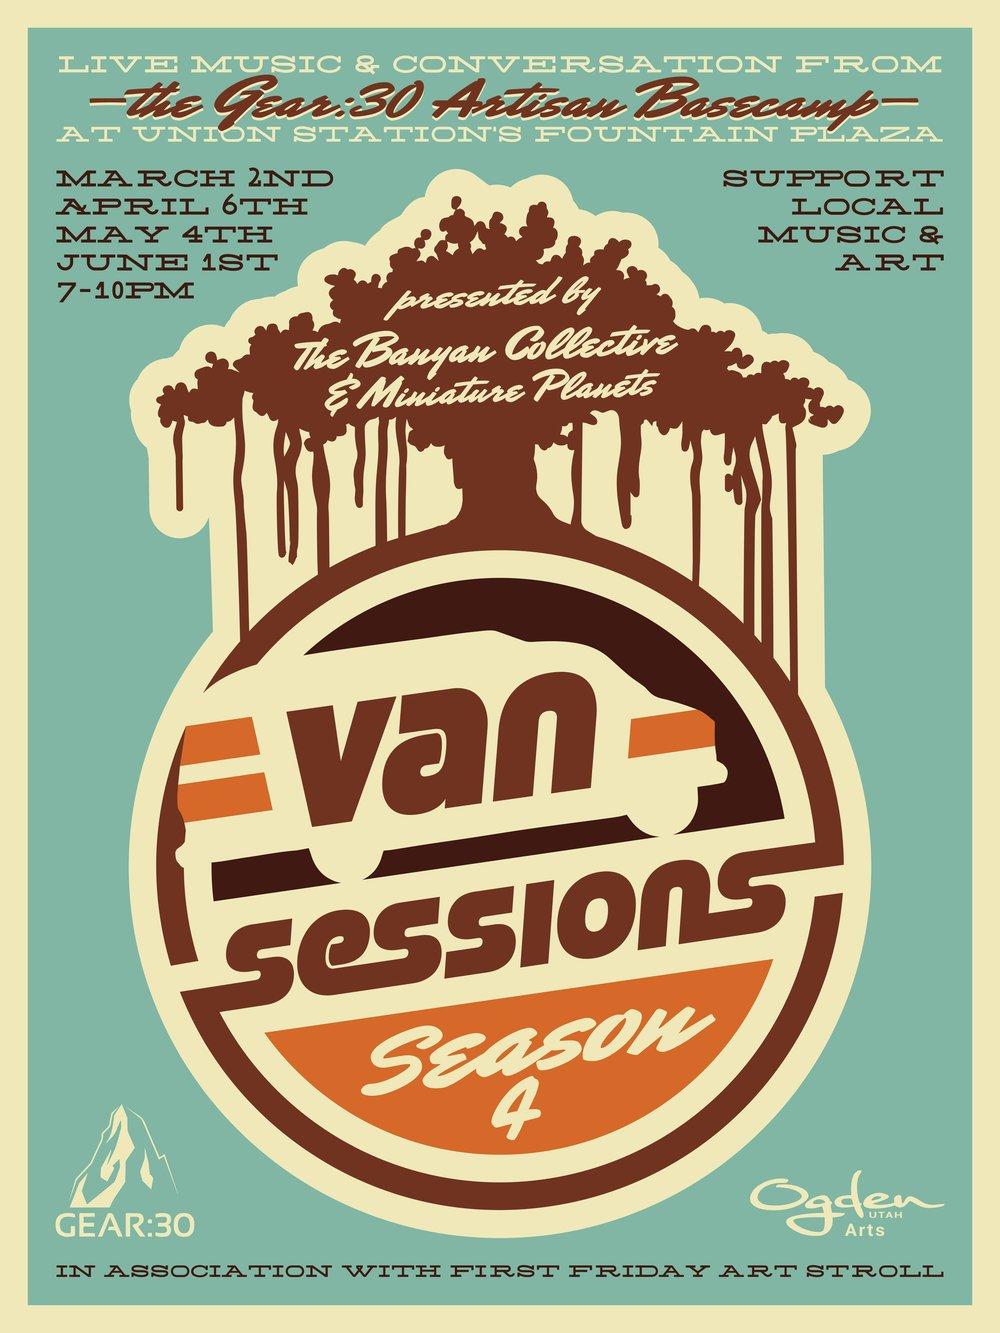 Van Sessions 4.0.jpg